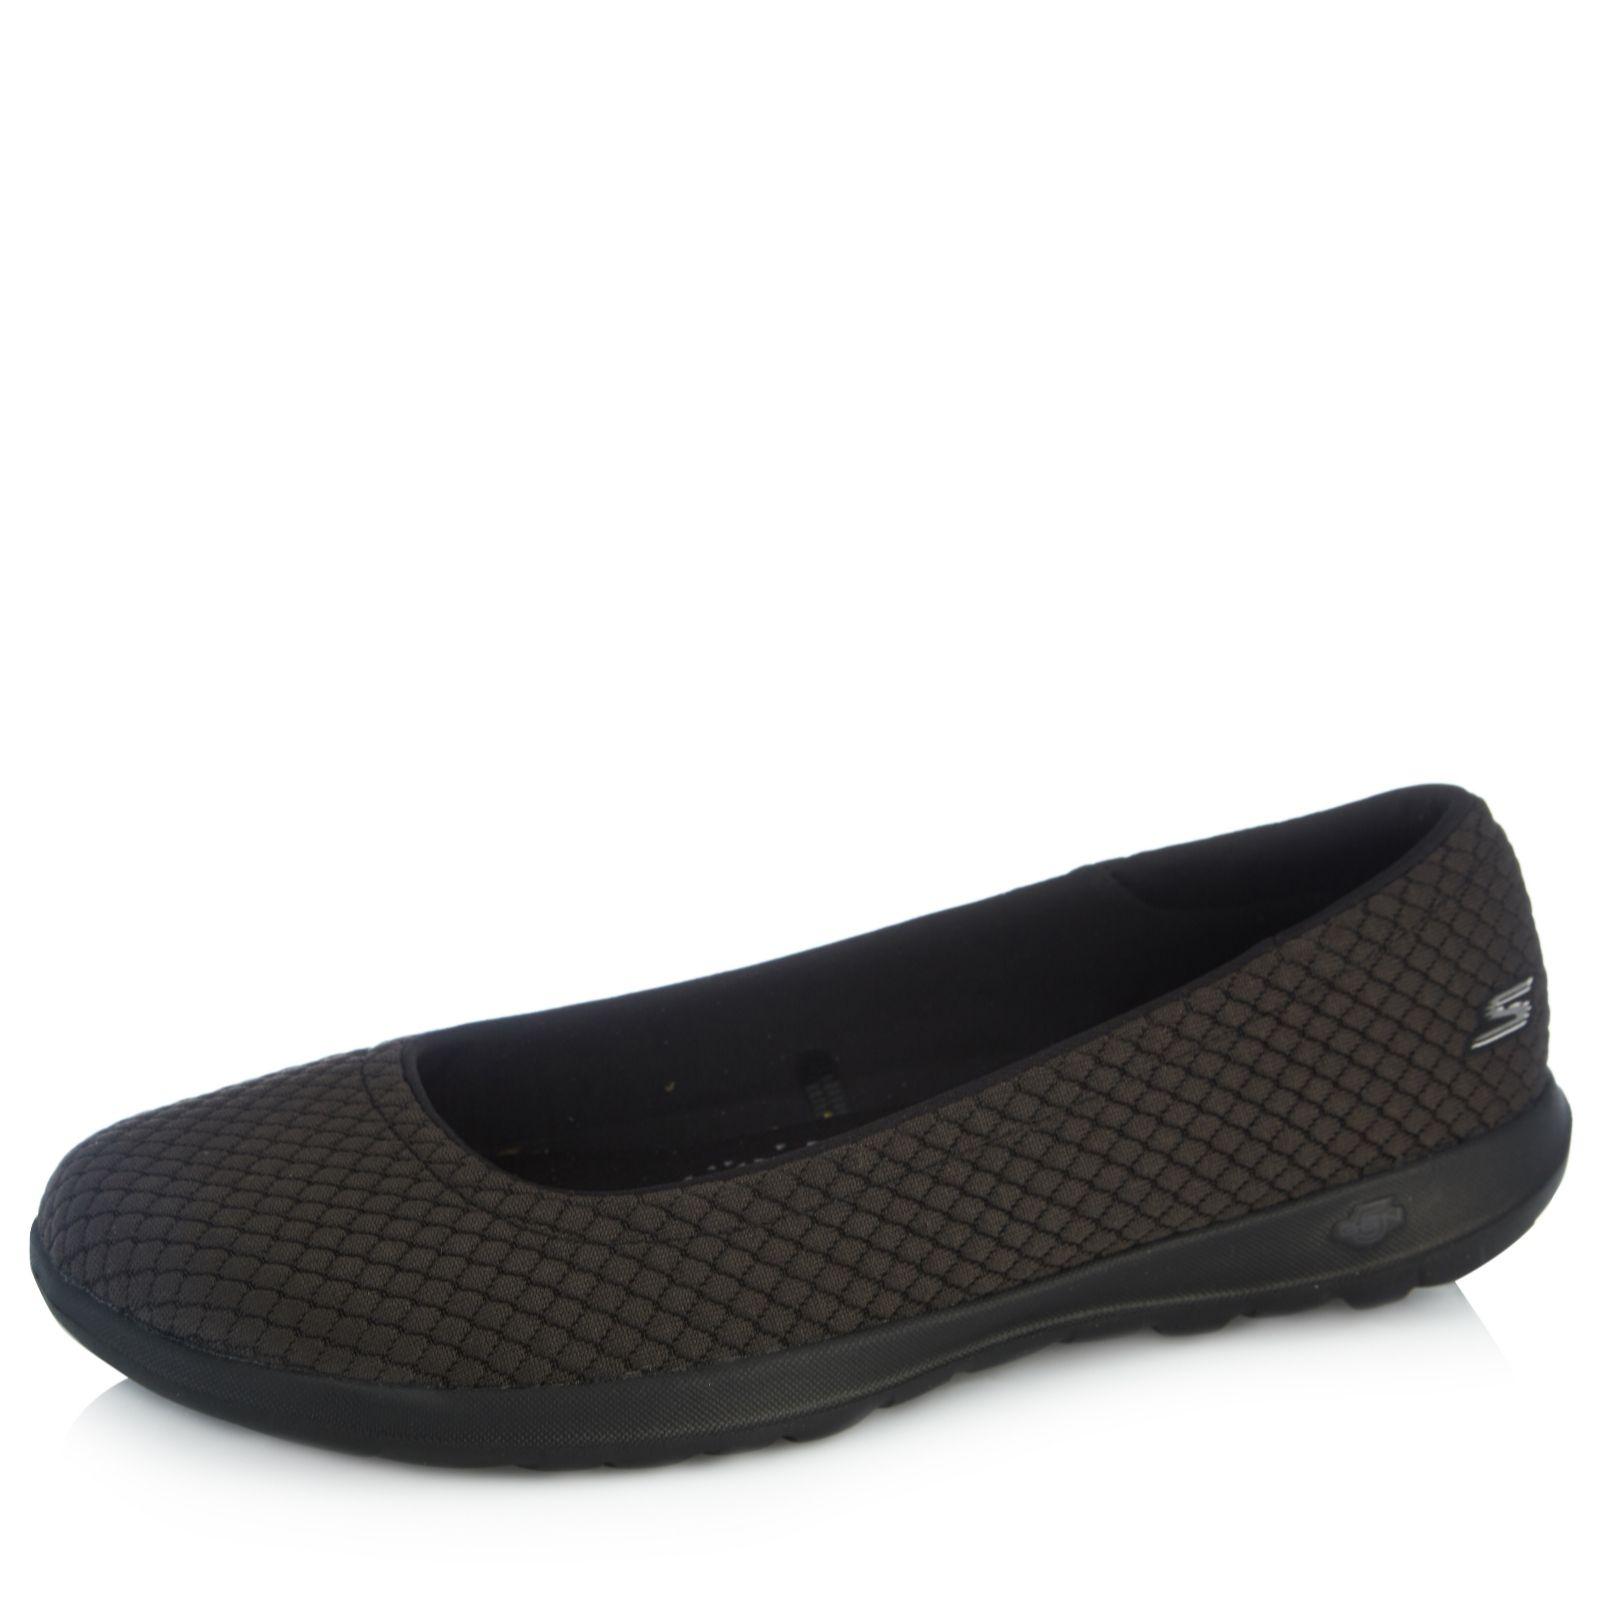 Promo-Codes schön in der Farbe Qualität und Quantität zugesichert Skechers Go Walk Lite Gemma Ballet Pump - QVC UK